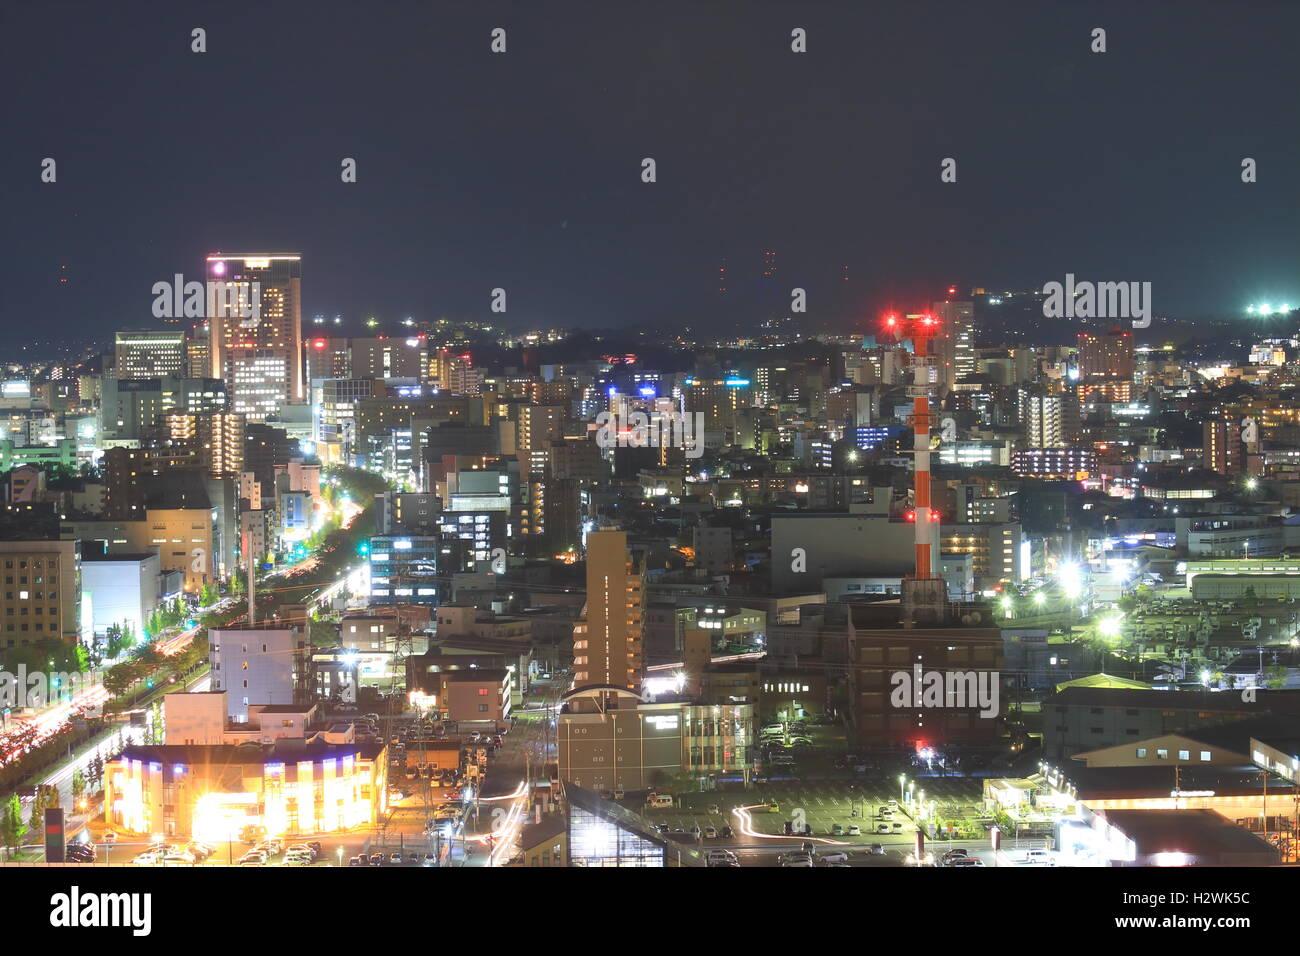 Kanazawa night cityscape view in Kanazawa Japan - Stock Image